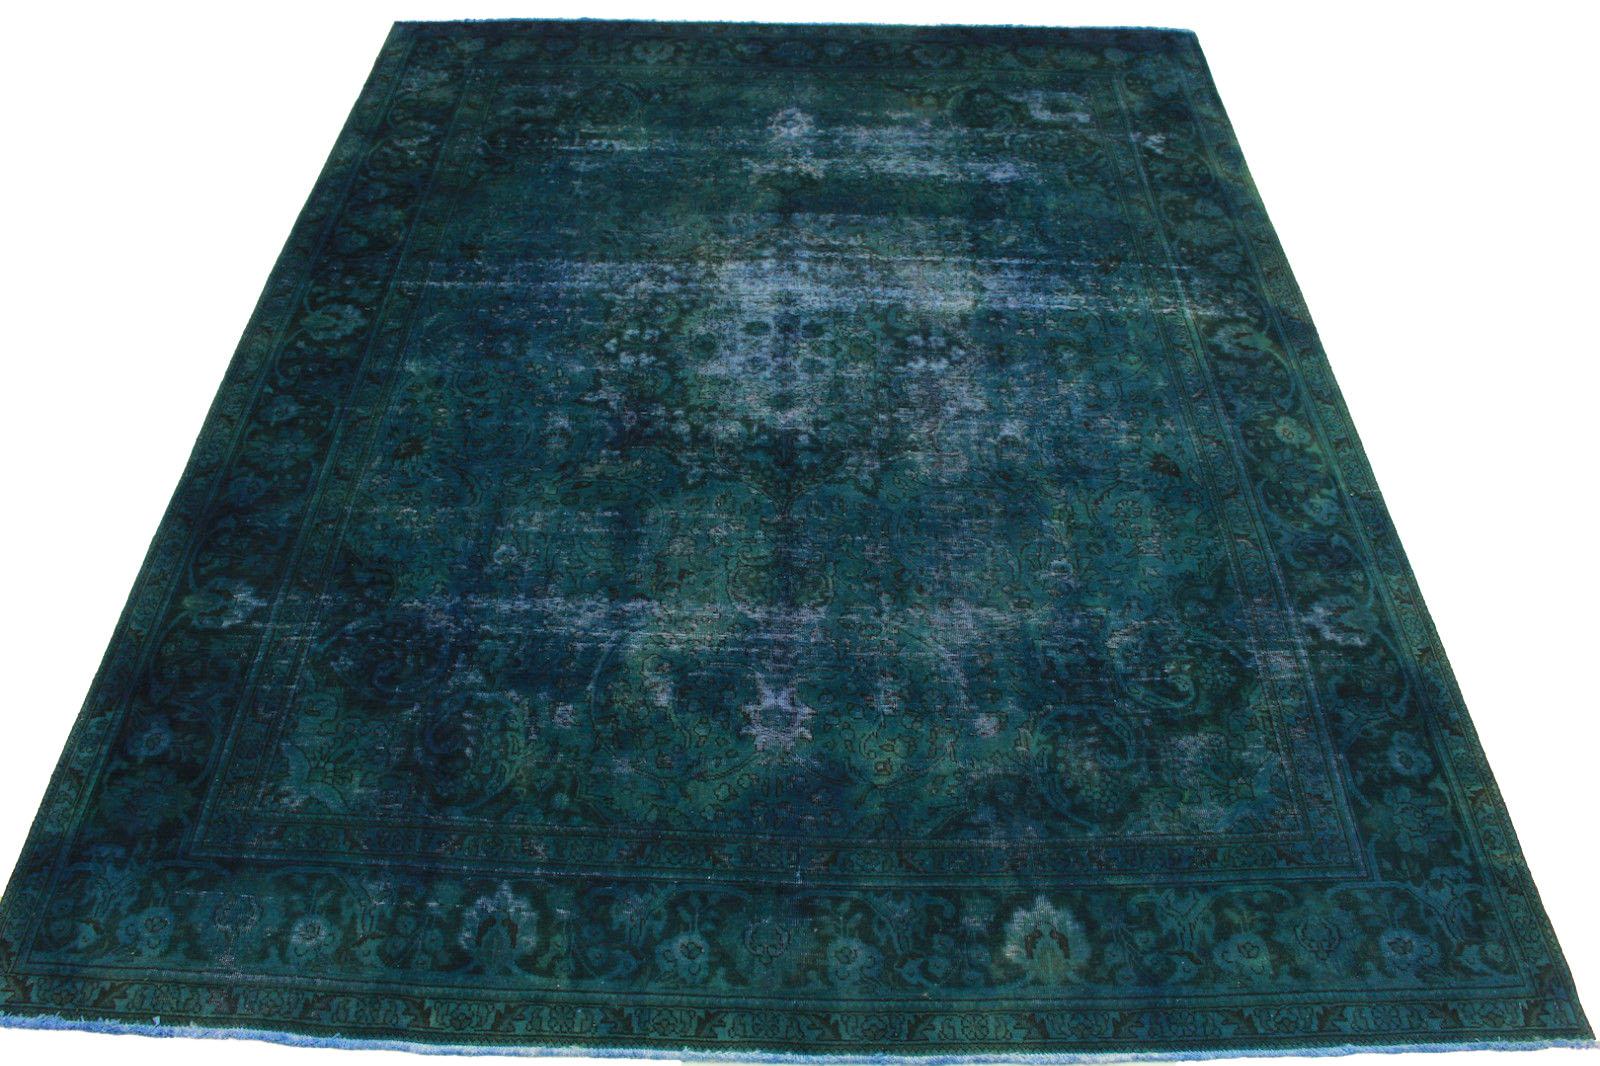 vintage teppich blau t rkis in 380x300cm 1001 5036 bei kaufen. Black Bedroom Furniture Sets. Home Design Ideas